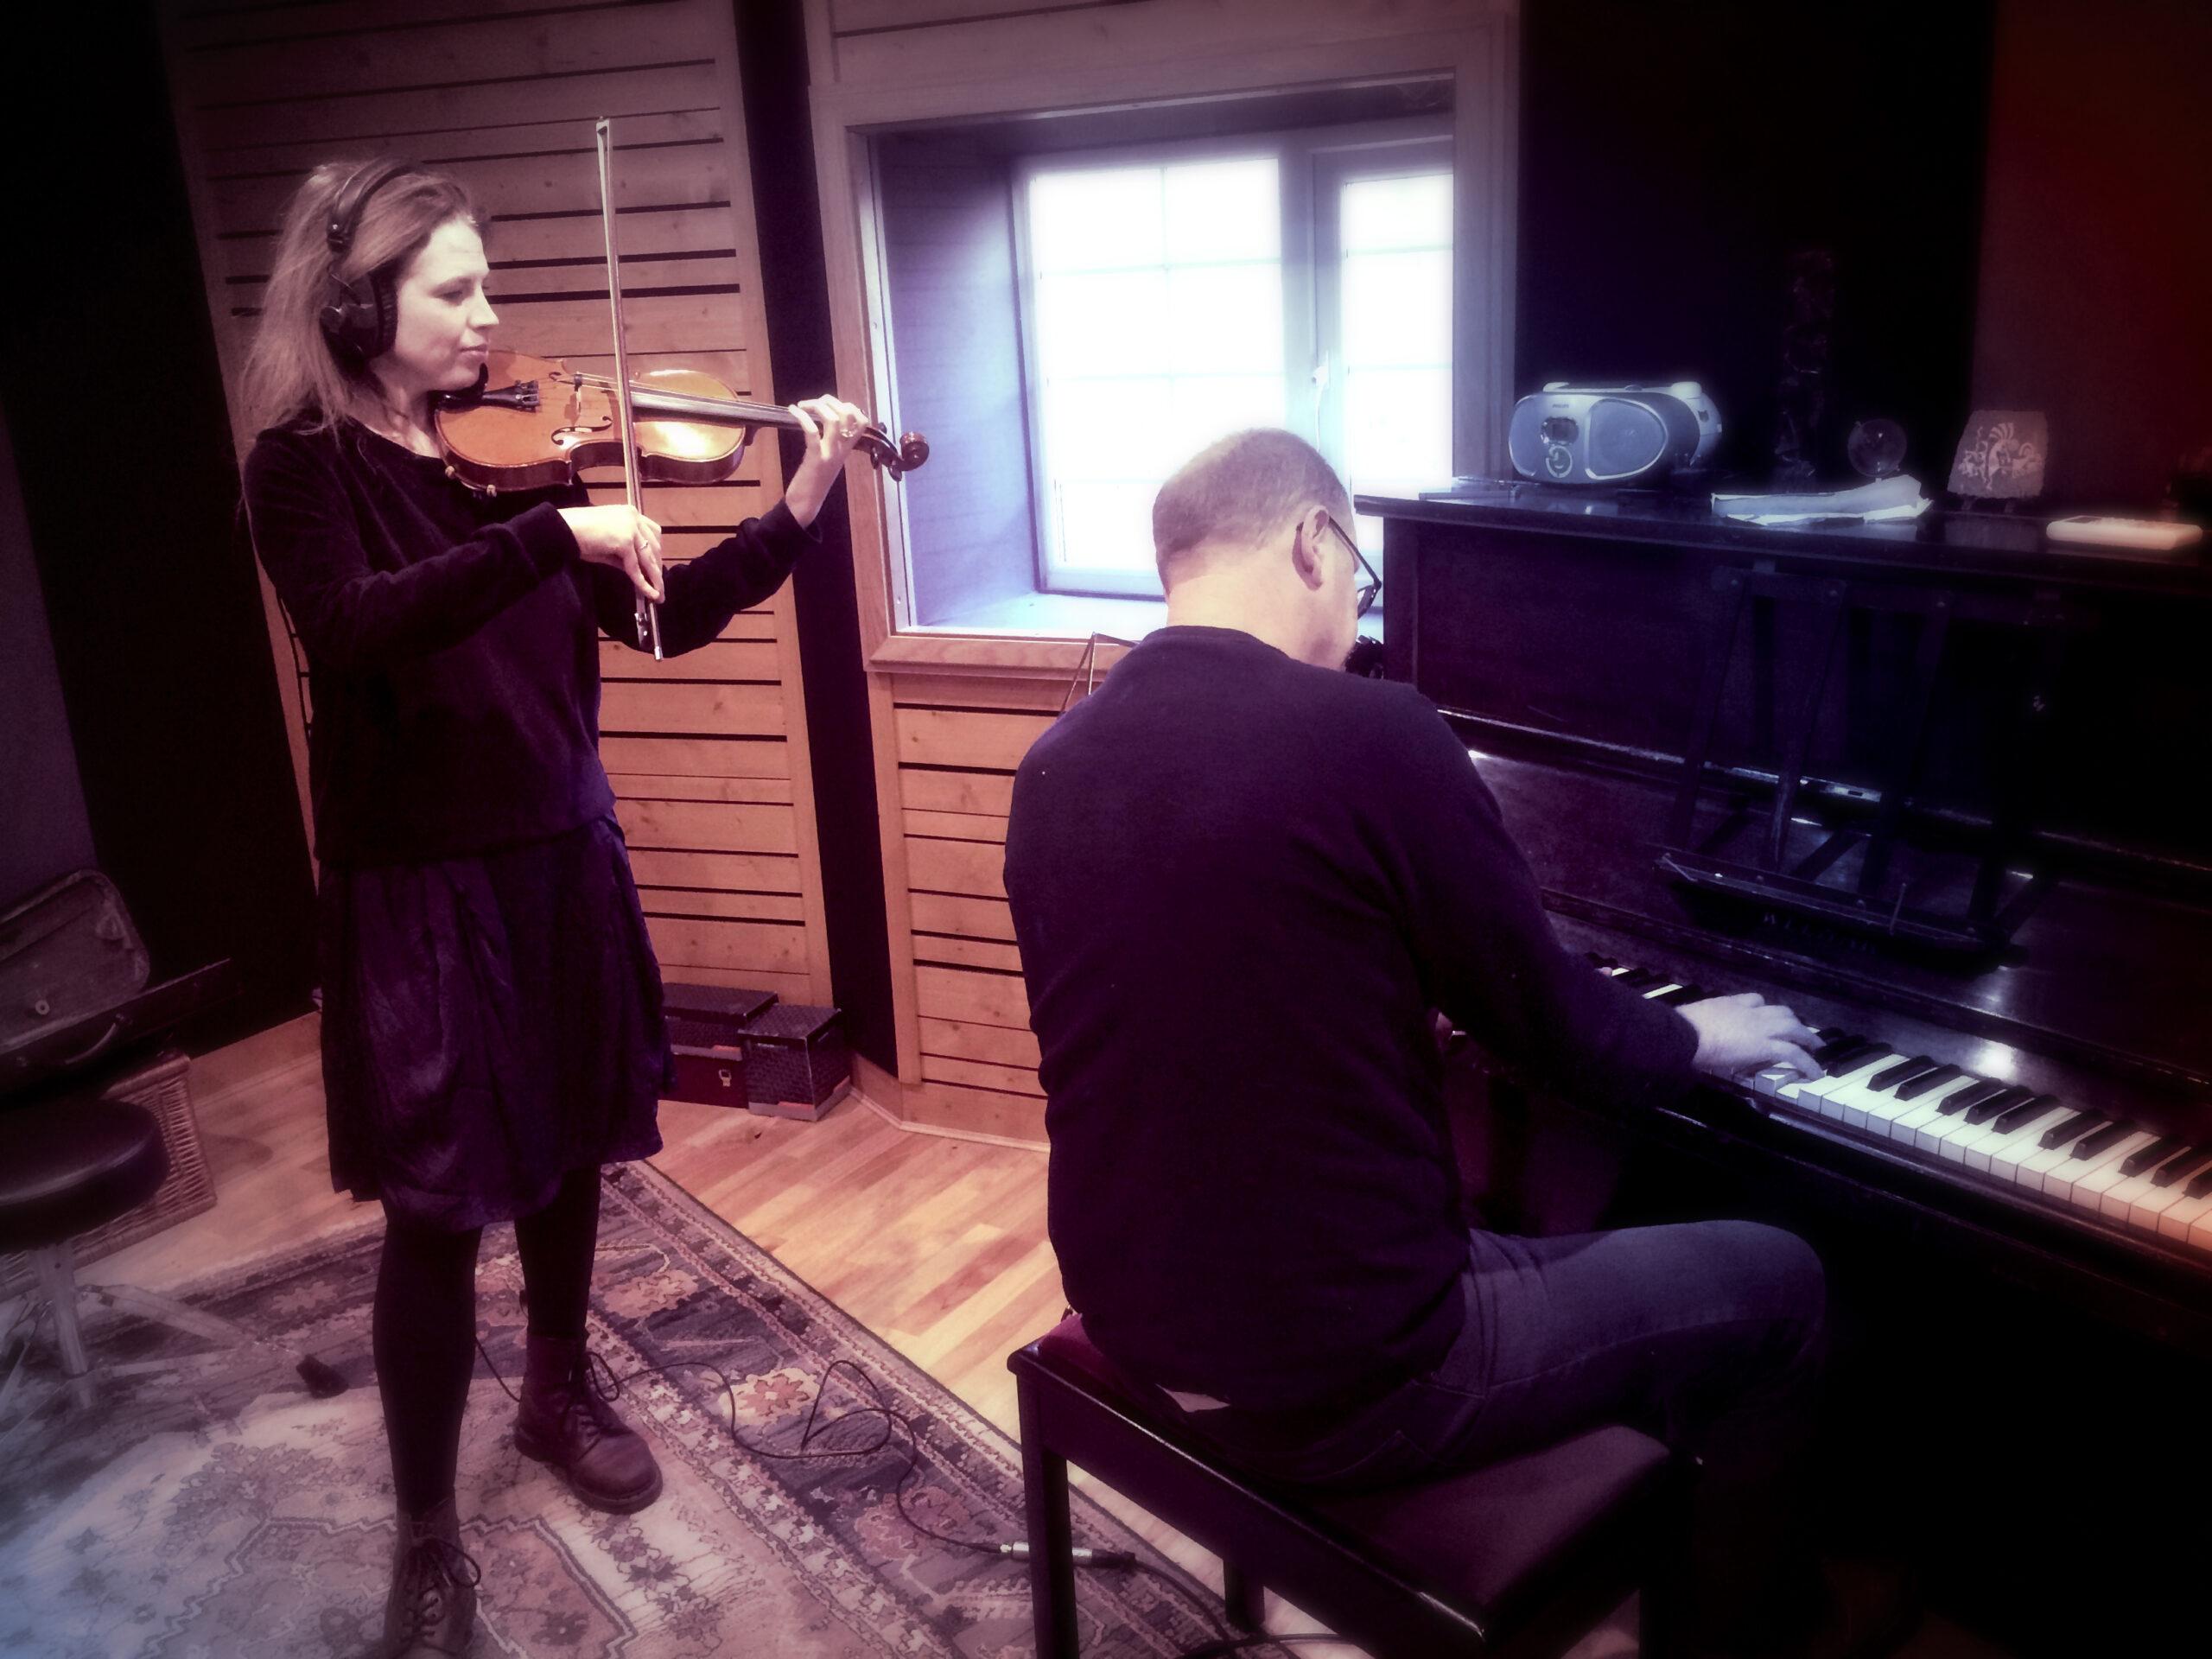 SlipwayStudio_piano-and-violin